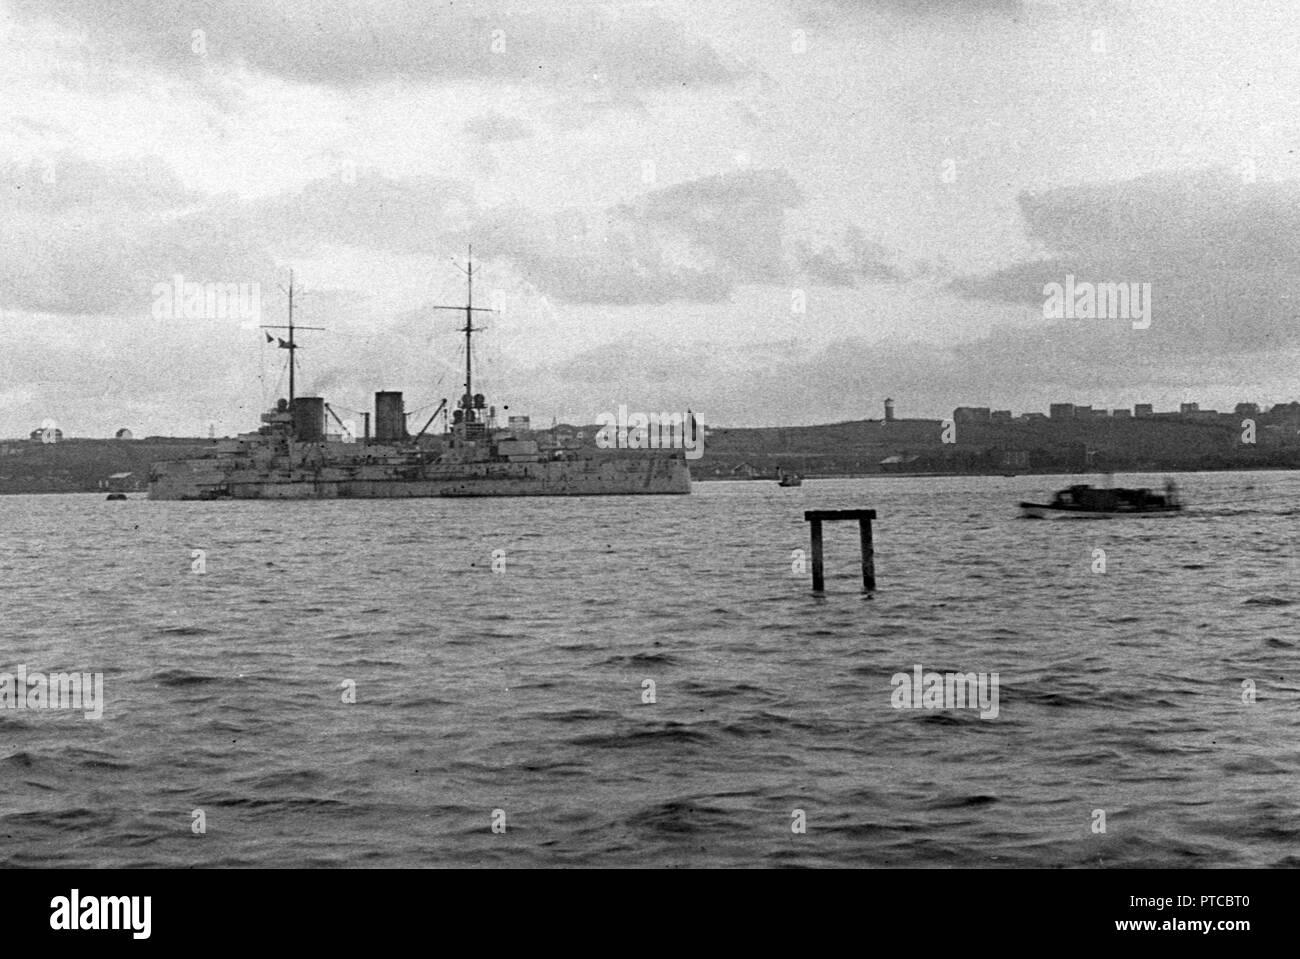 Kaiserlichen Marine grosser Kreuzer SMS VON DER TANN - Deutsche Marine Große/Schwere Kreuzer S.M.S. VON DER TANN Stockbild